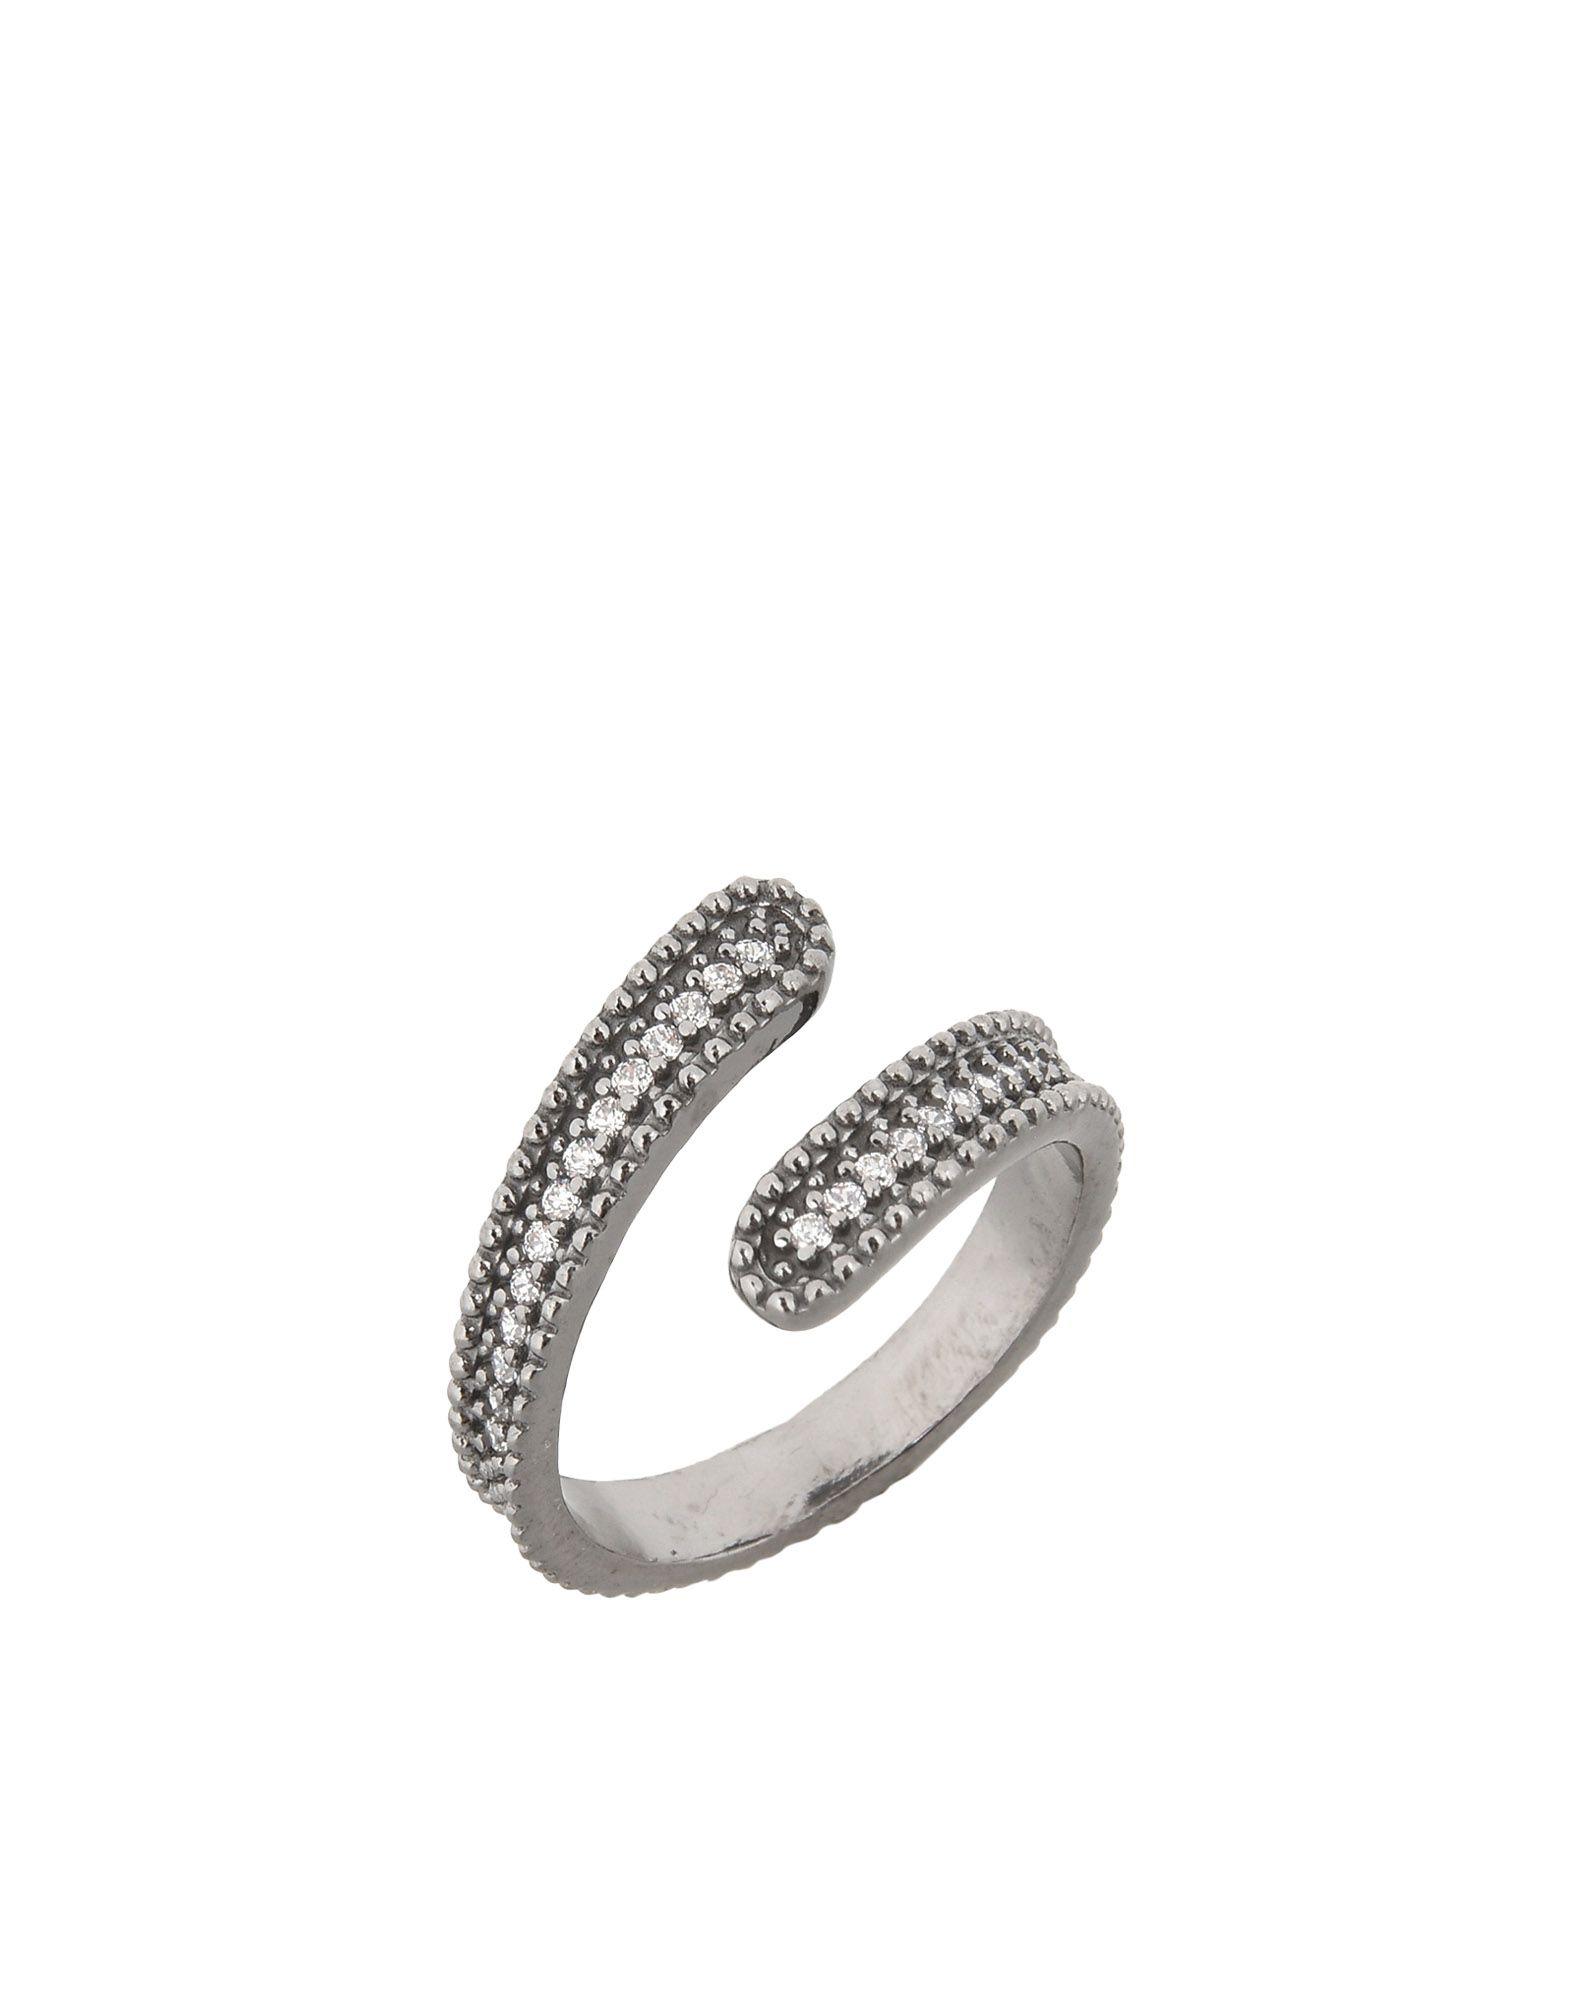 《セール開催中》FIRST PEOPLE FIRST レディース 指輪 鉛色 one size シルバー925/1000 / 18金メッキ / キュービックジルコニア Concordia Zircon Ring